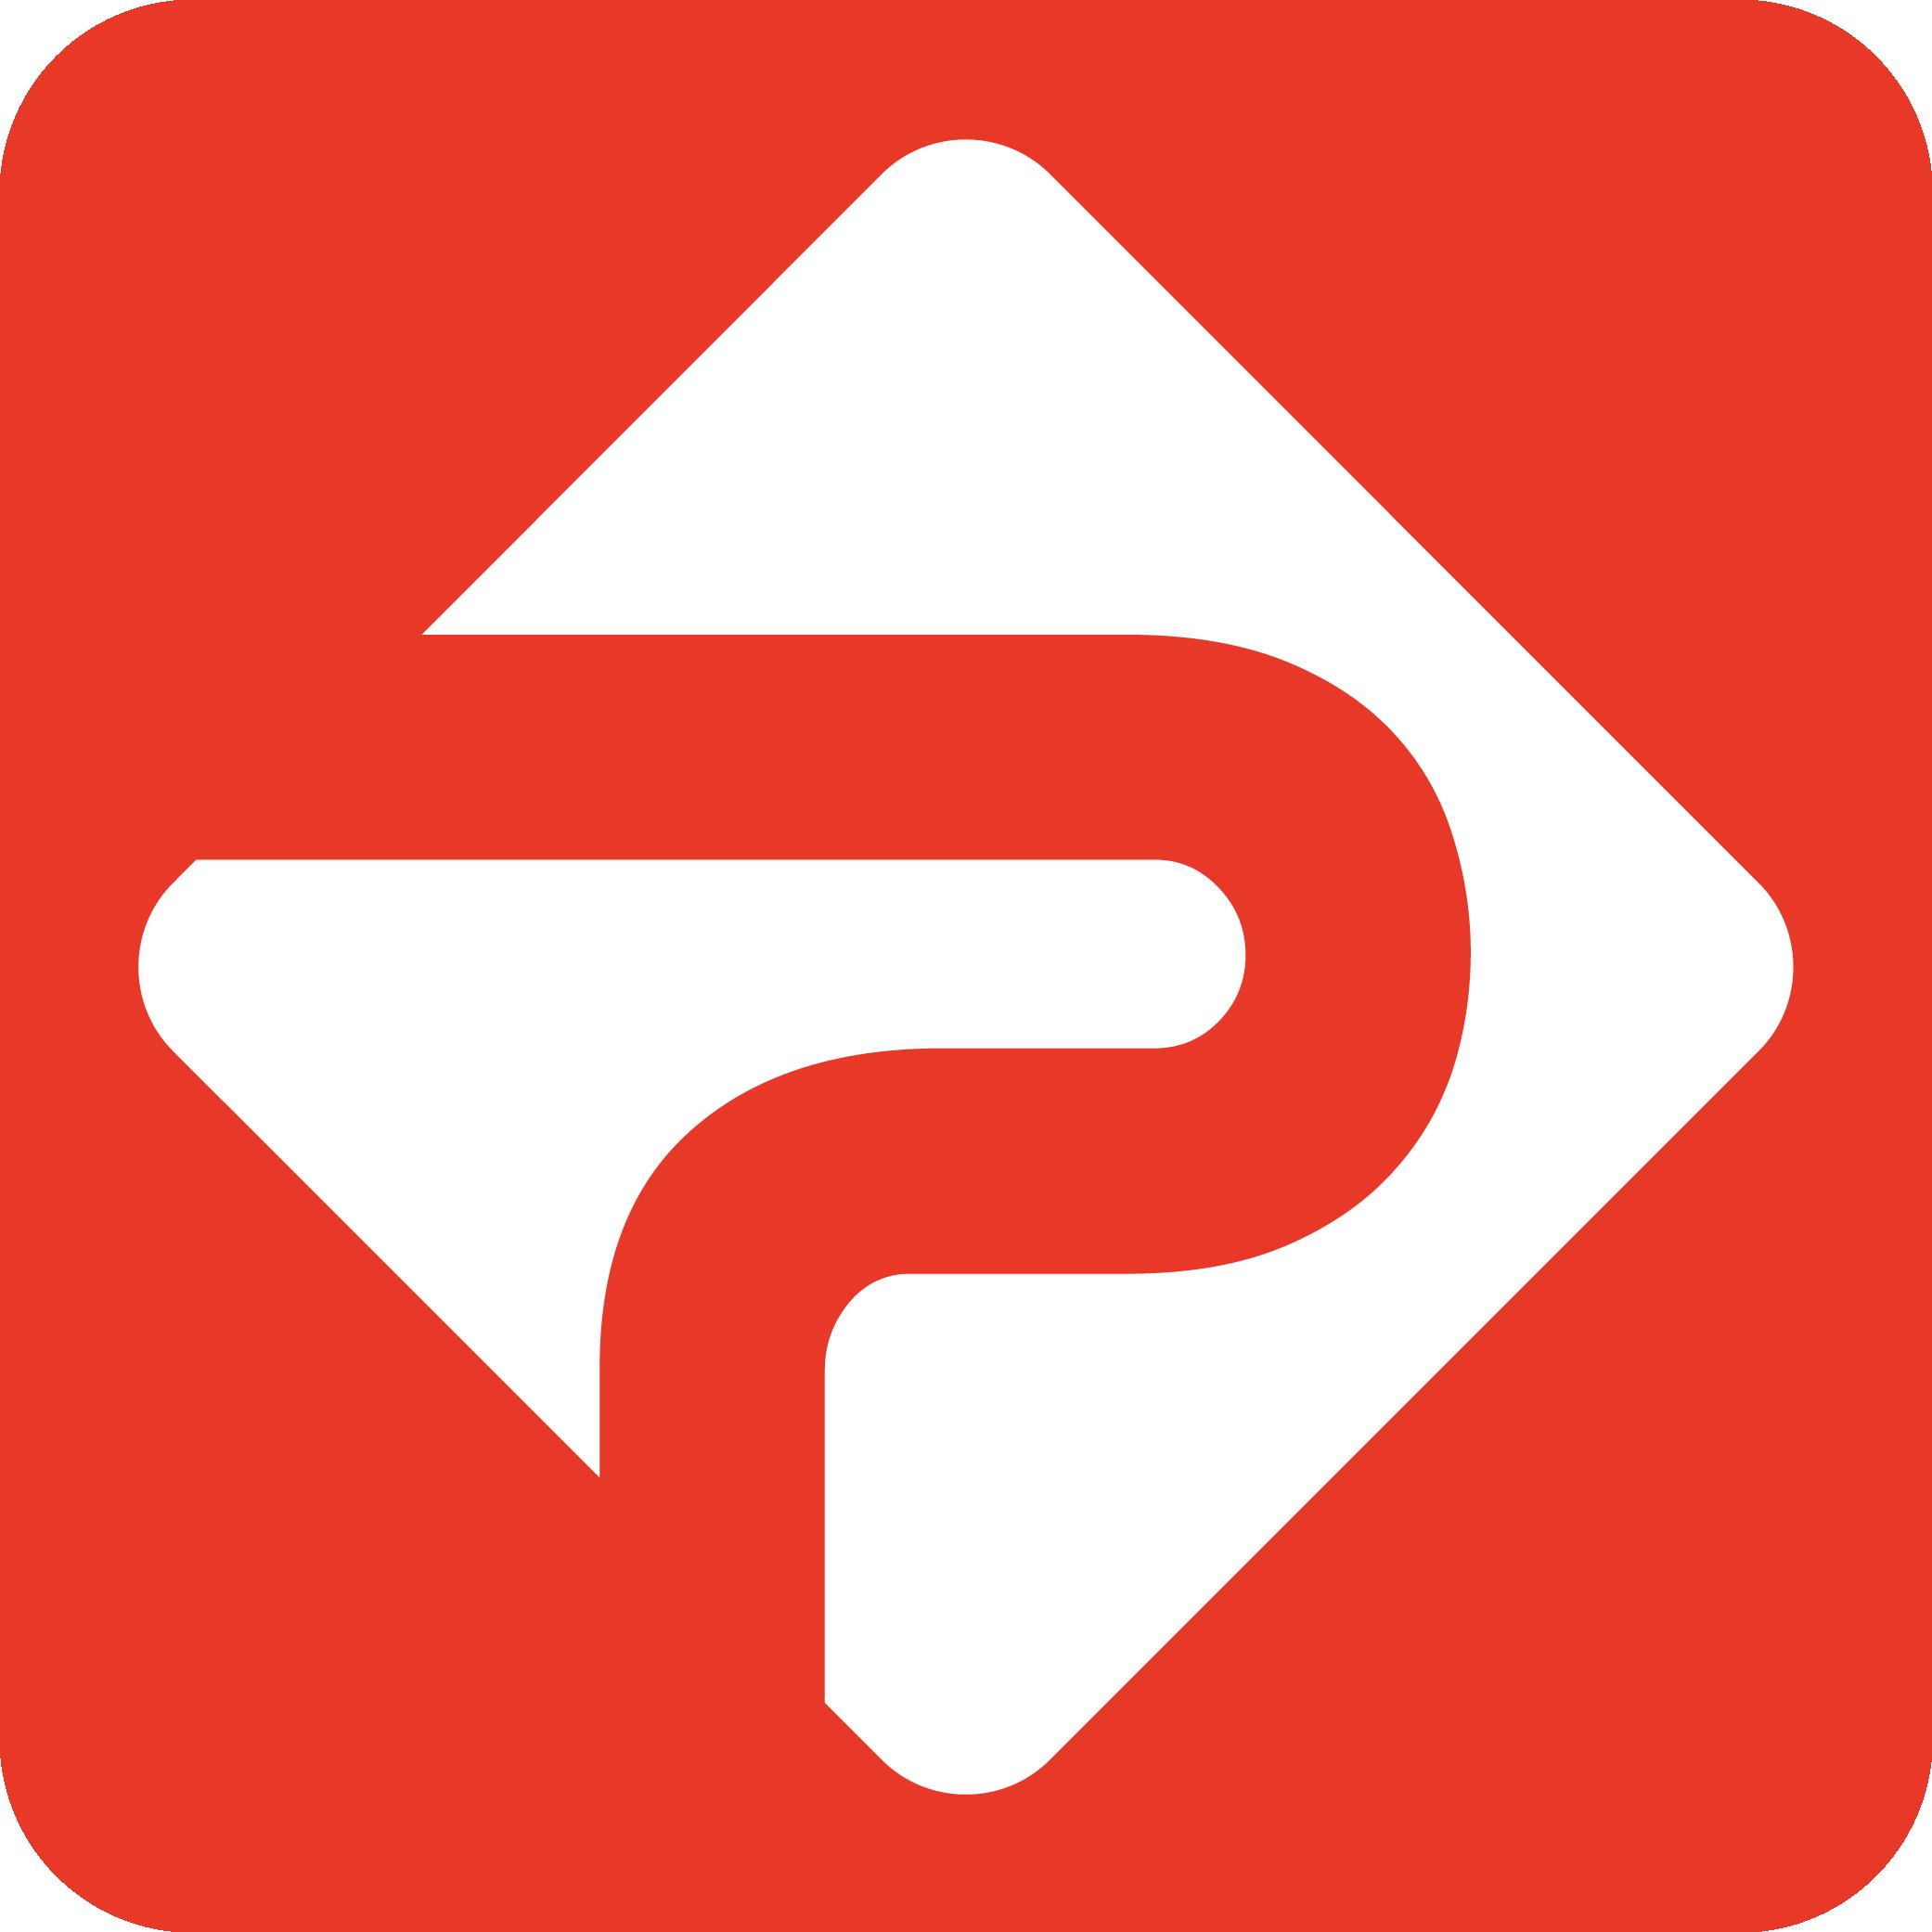 logo 标识 标志 设计 矢量 矢量图 素材 图标 2082_2082